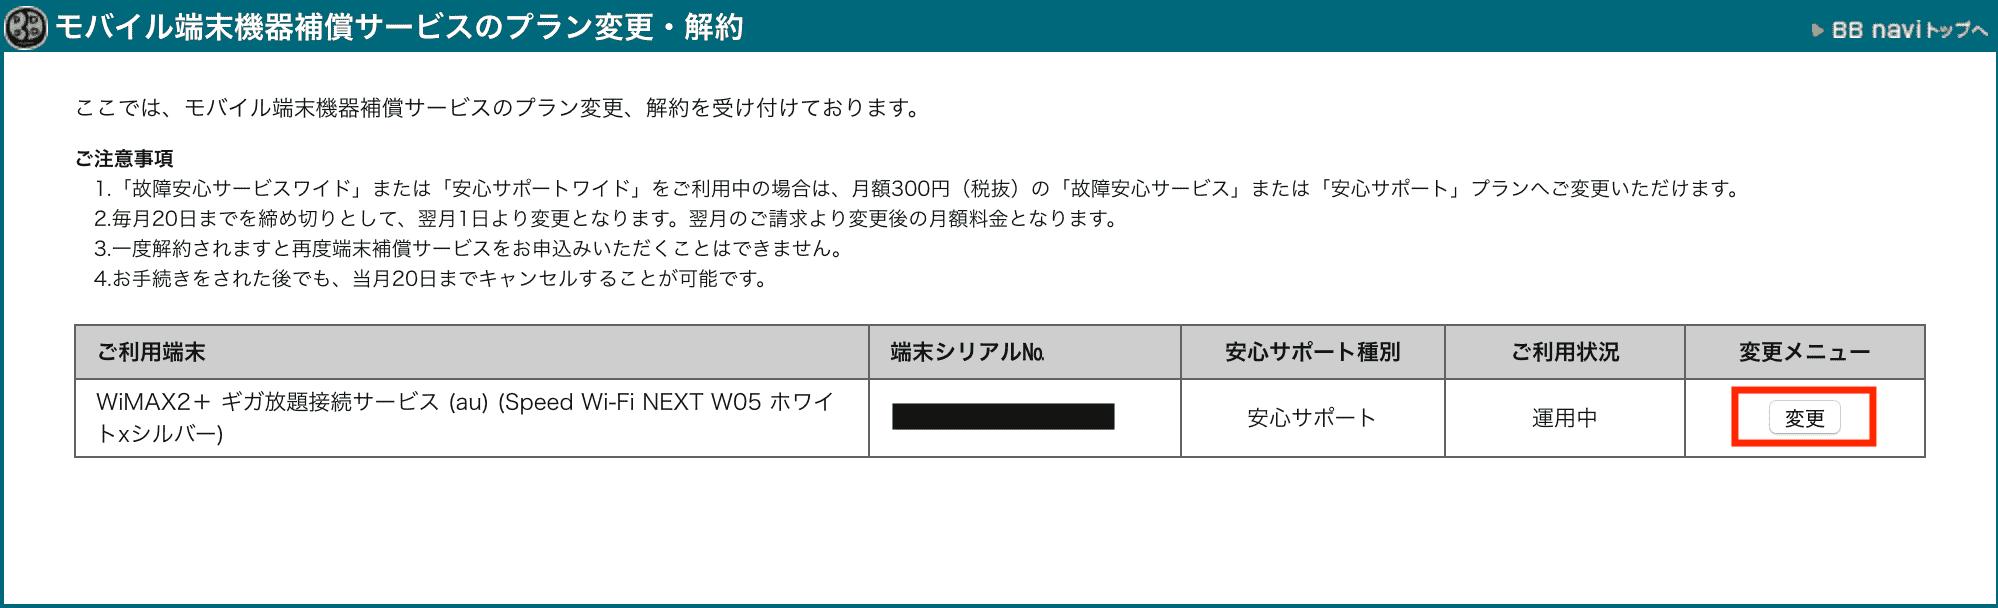 安心サポートオプションのページ